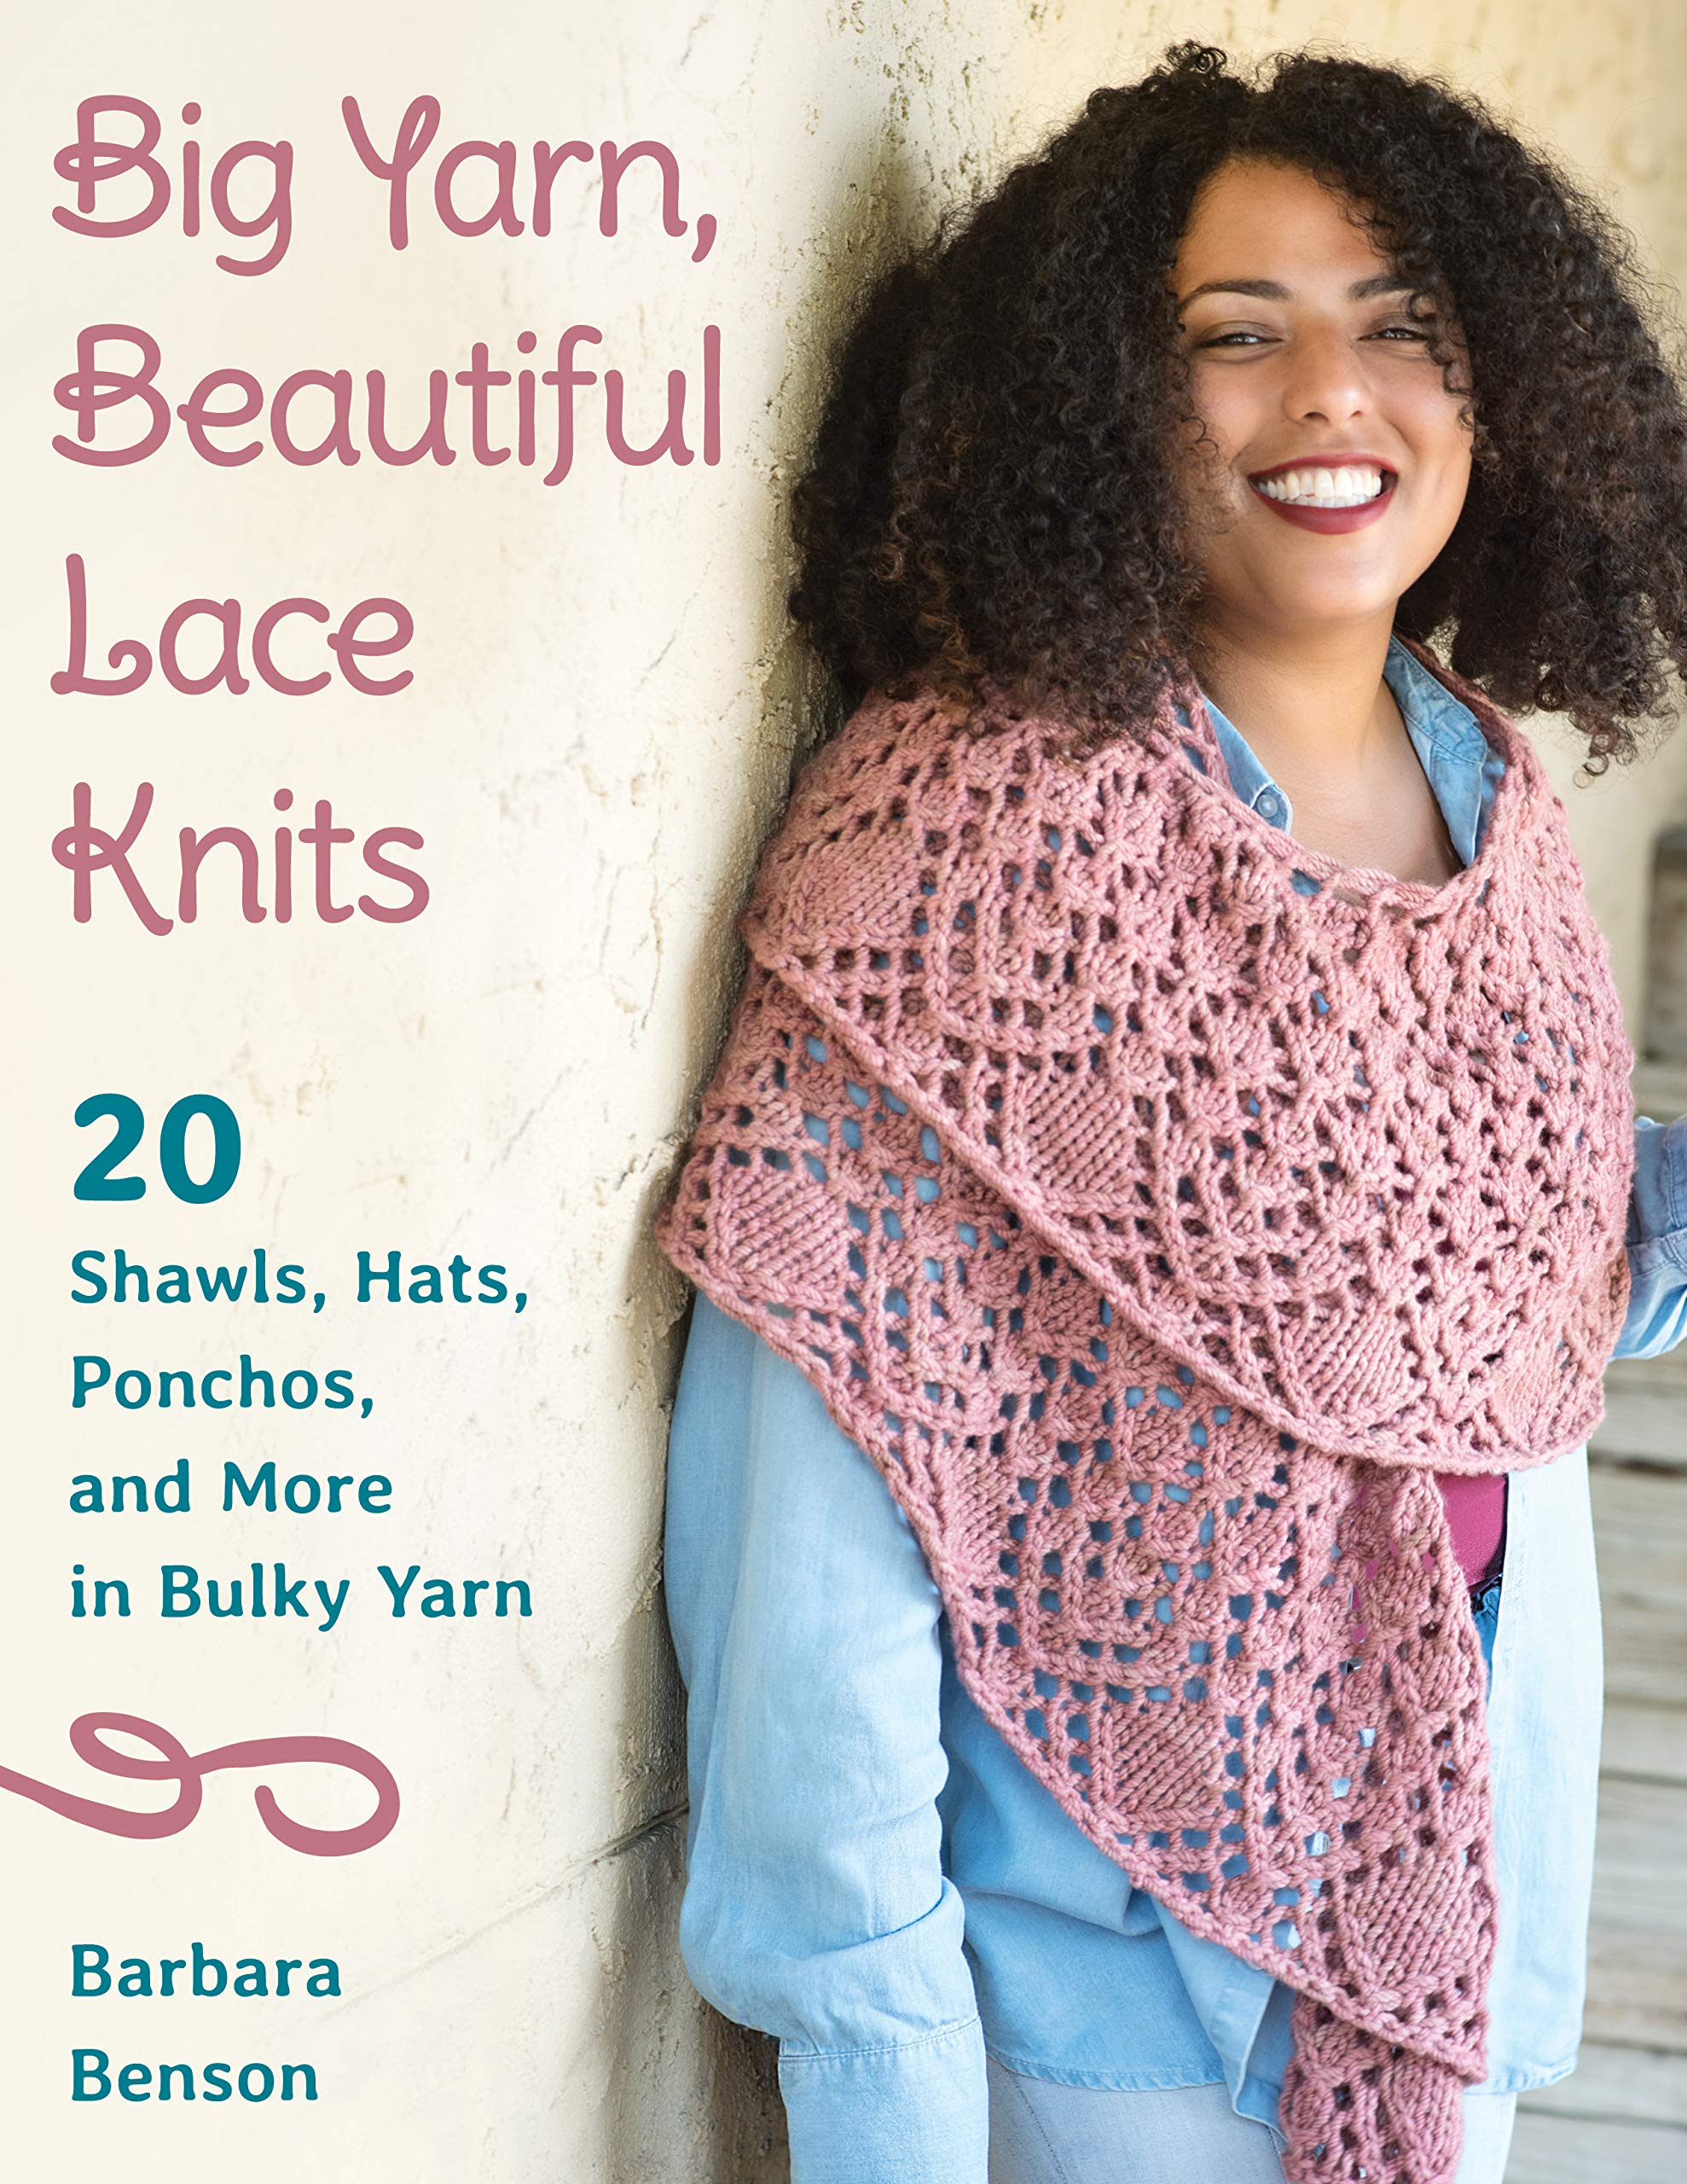 Big Yarn Beautiful Lace Knits product image